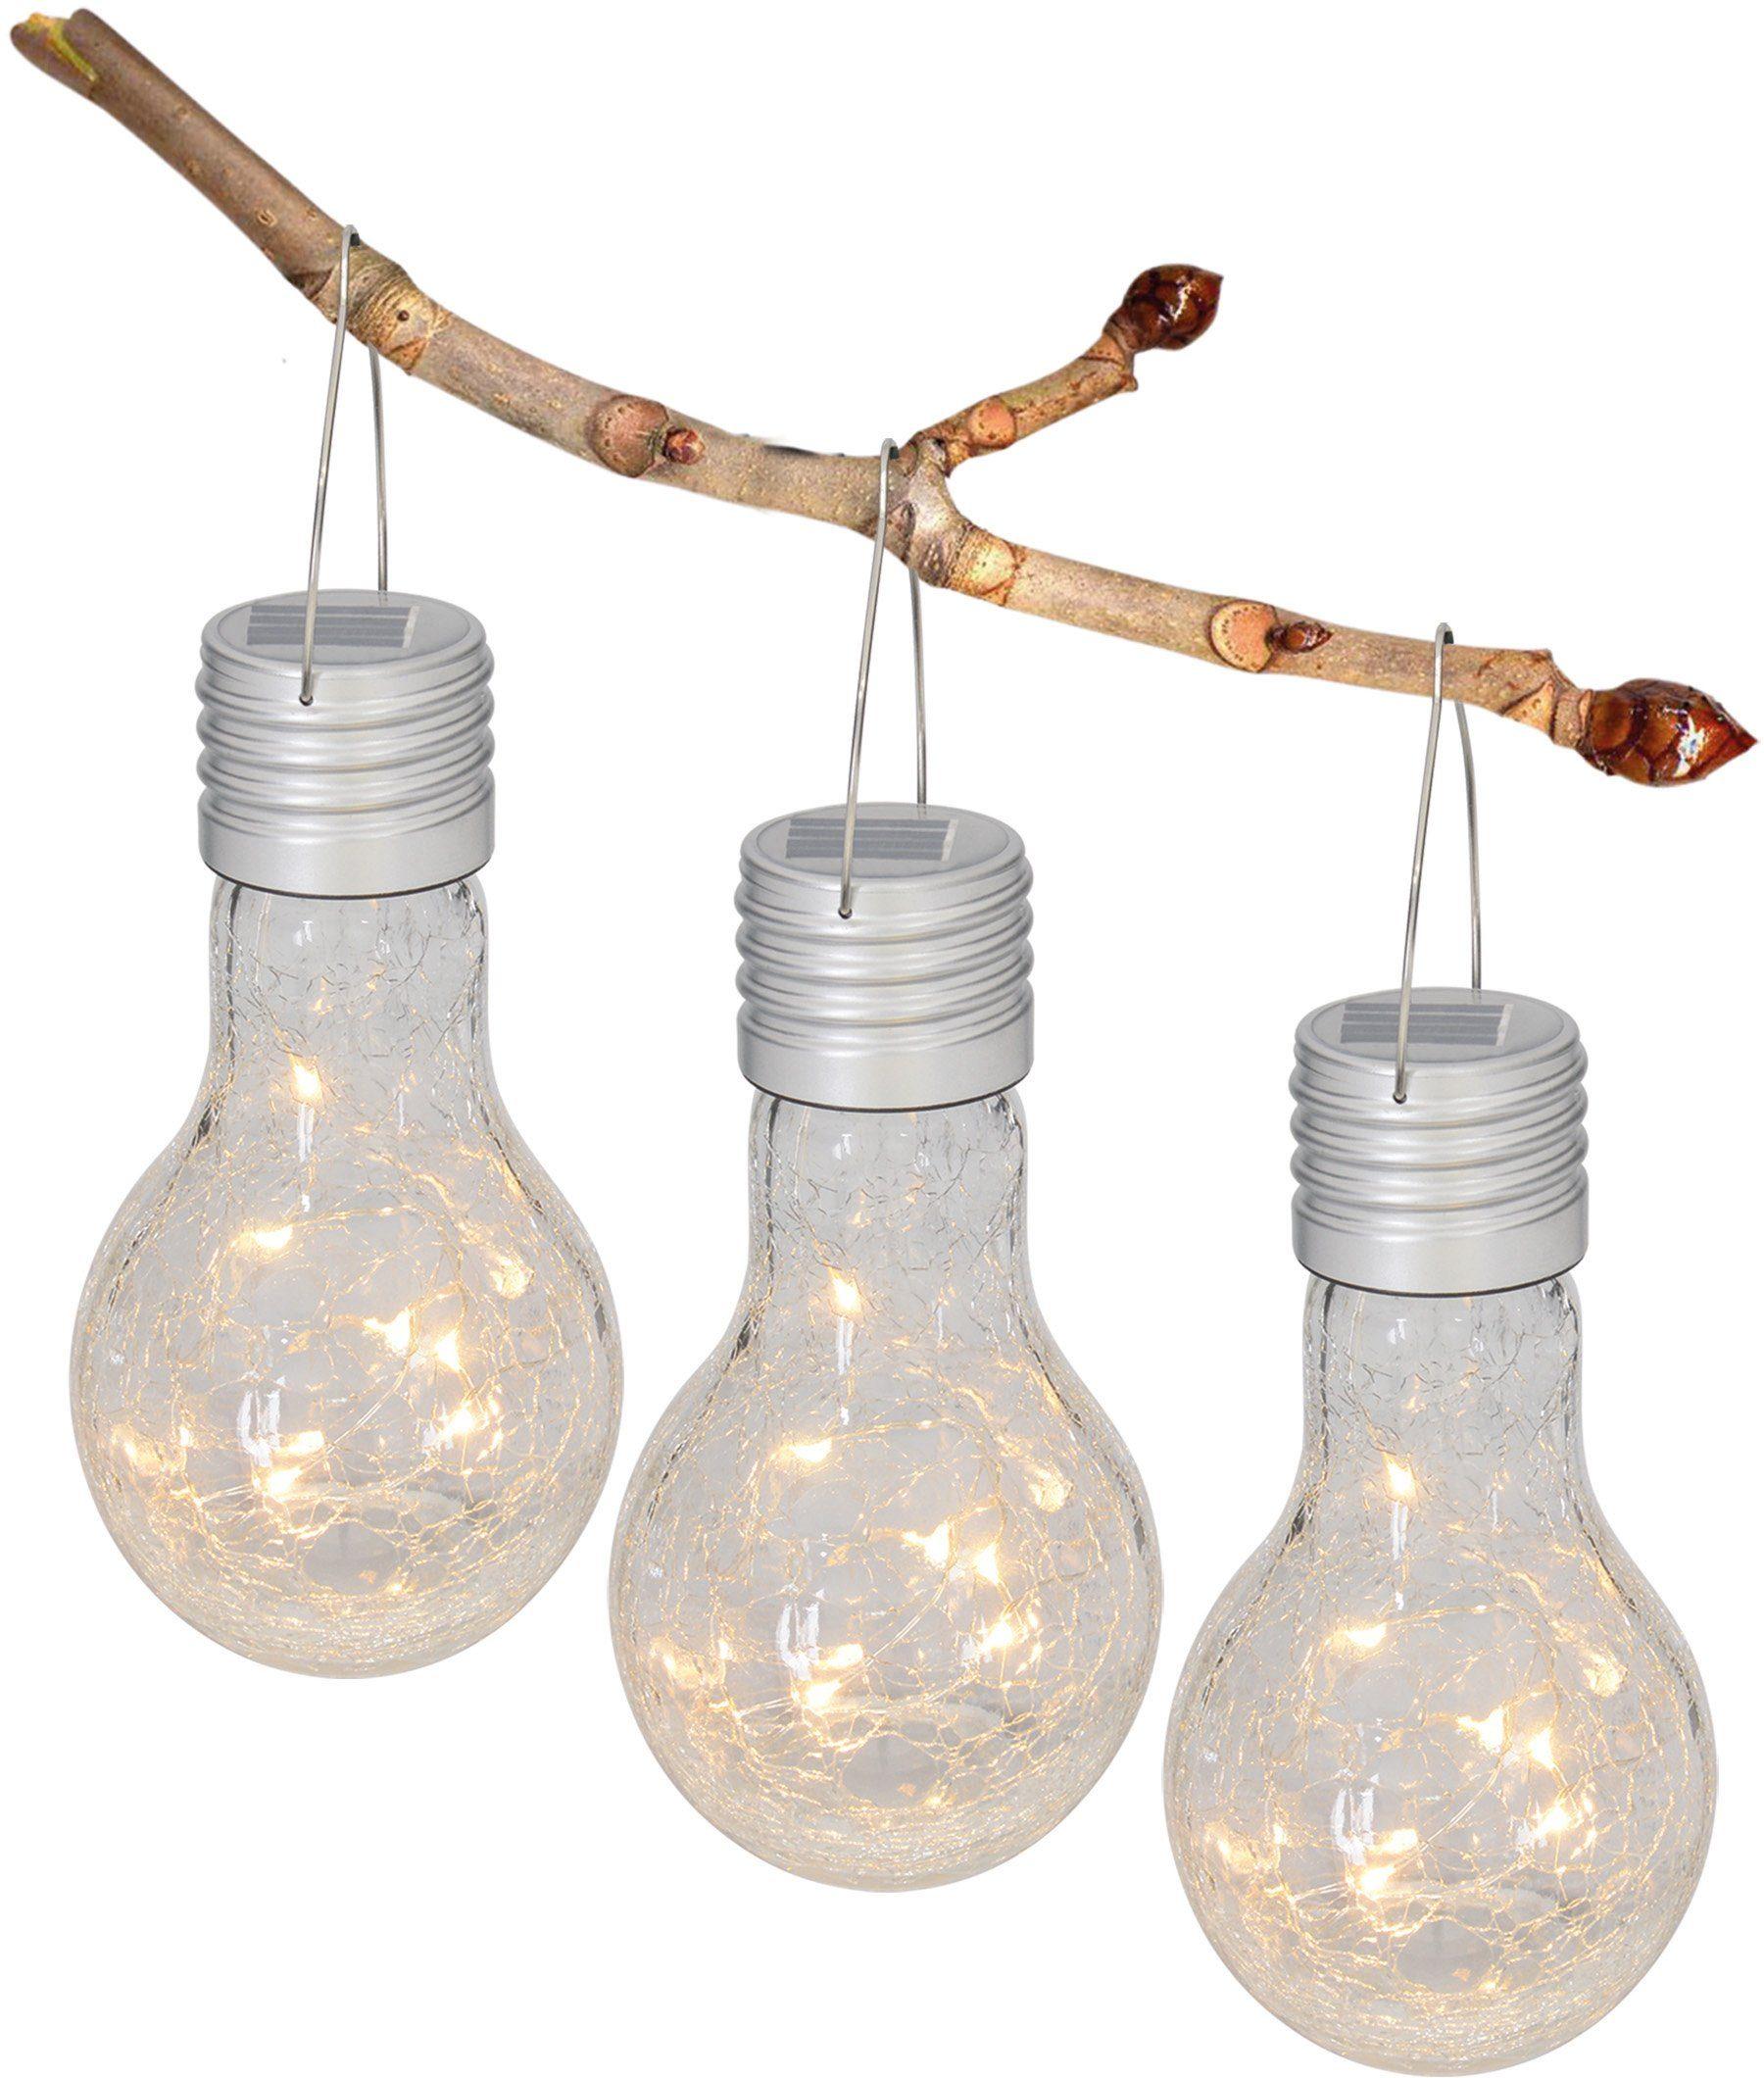 5er Set LED Solarleuchte Solar Gartenleuchte Außenlampe Dekoration Dekostein